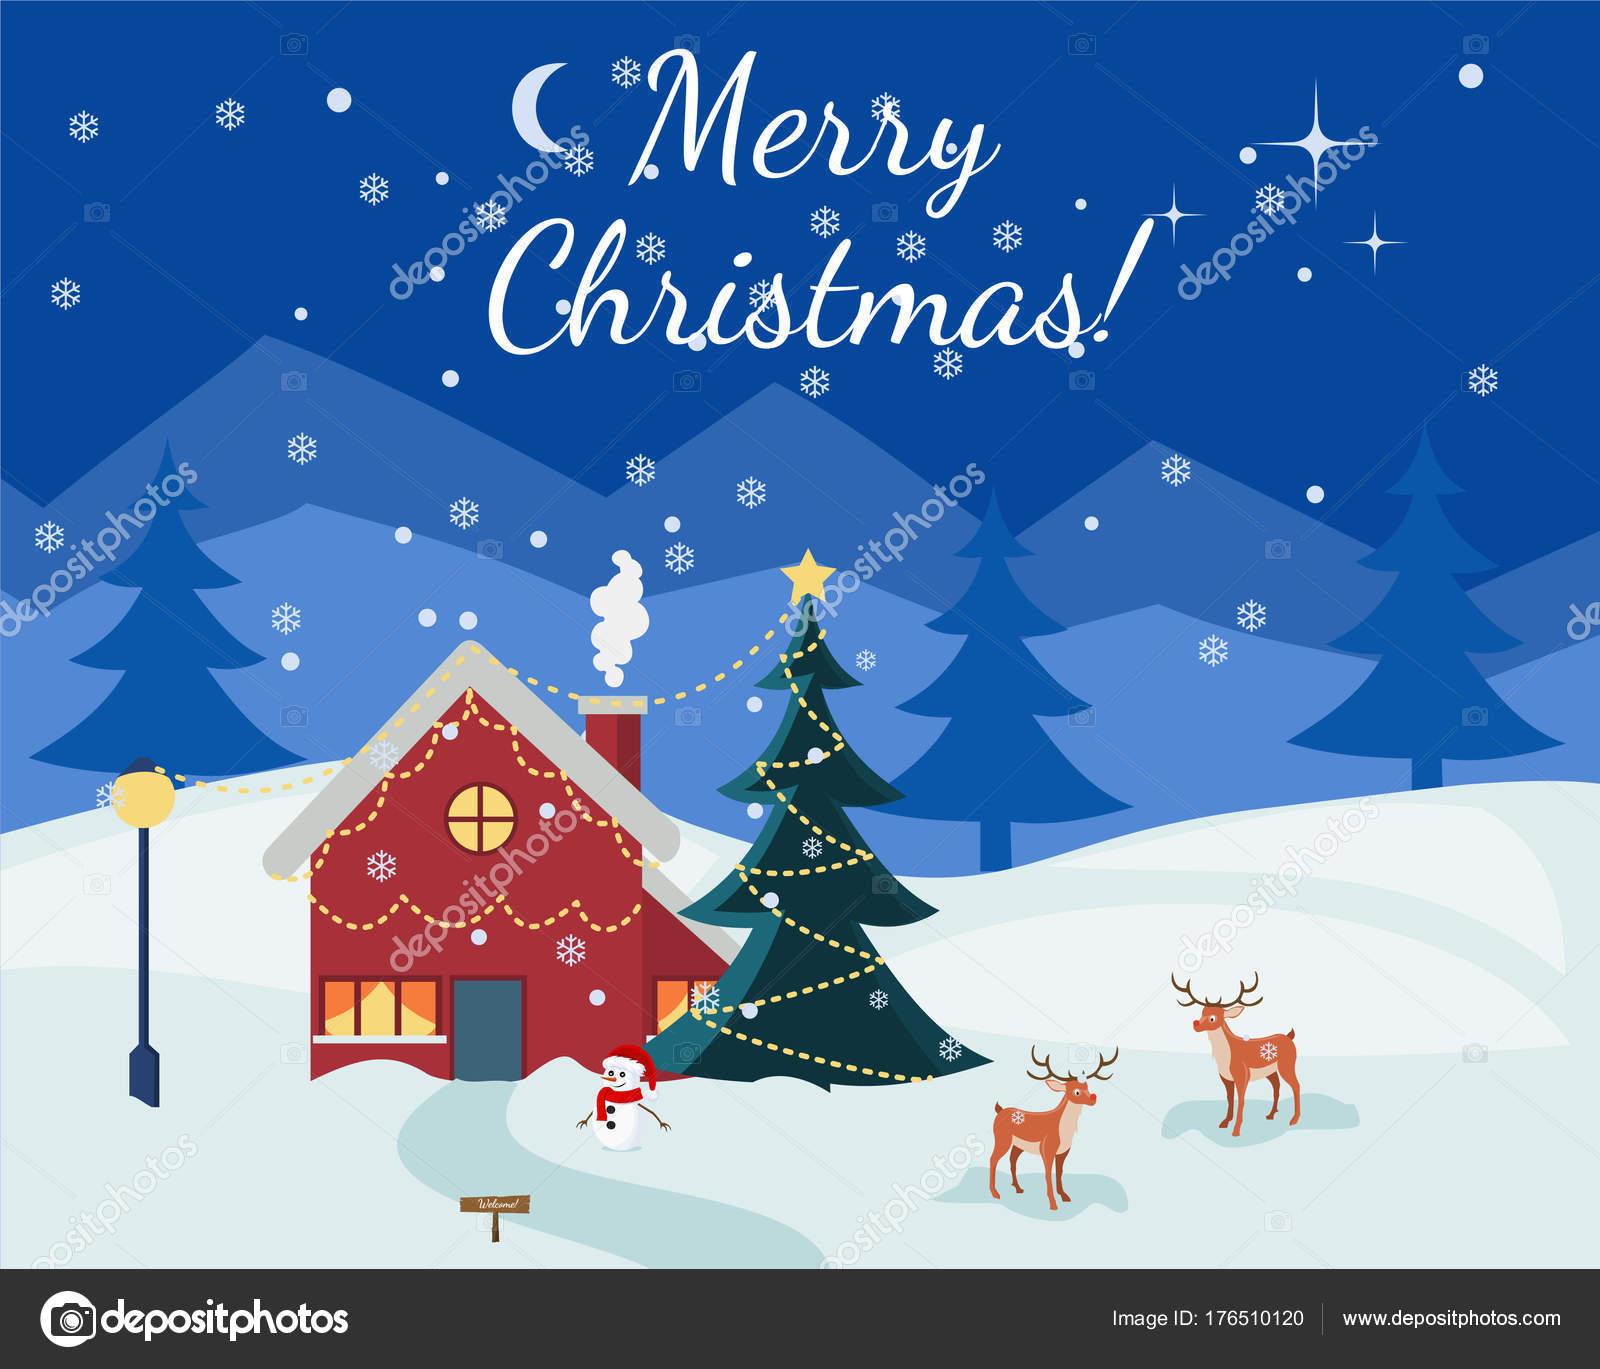 冬クリスマス クリスマス新年あけましておめでとうございます漫画夜青い